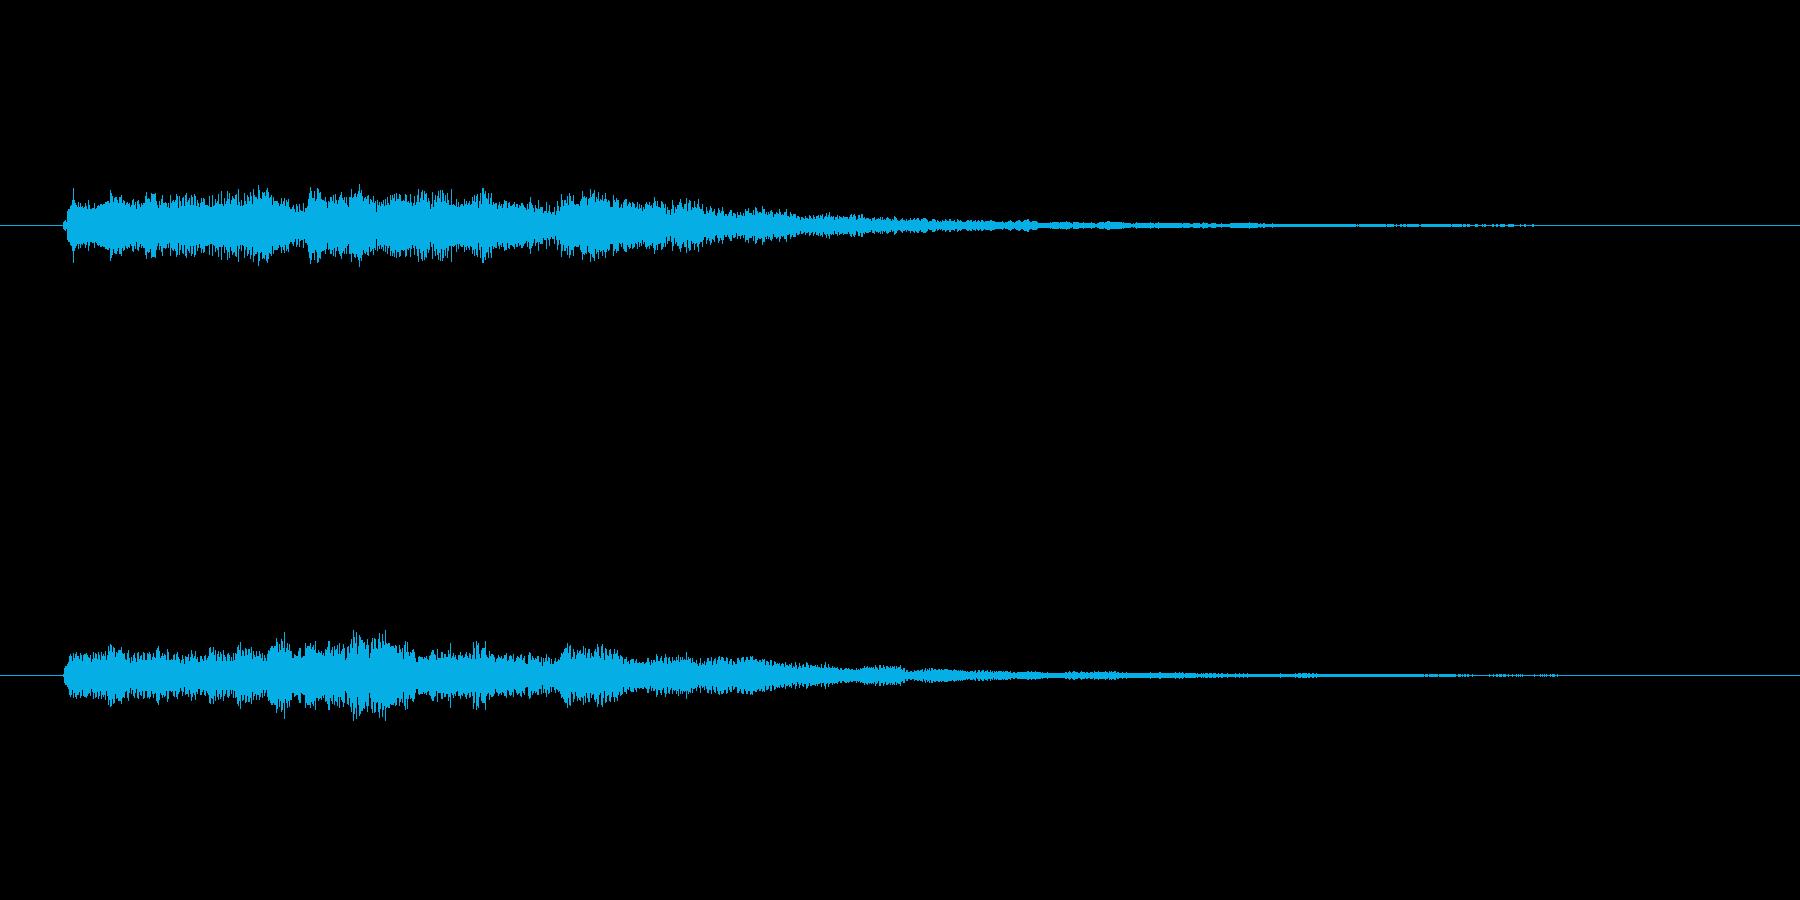 明るいシンセベルのサウンドロゴ2の再生済みの波形